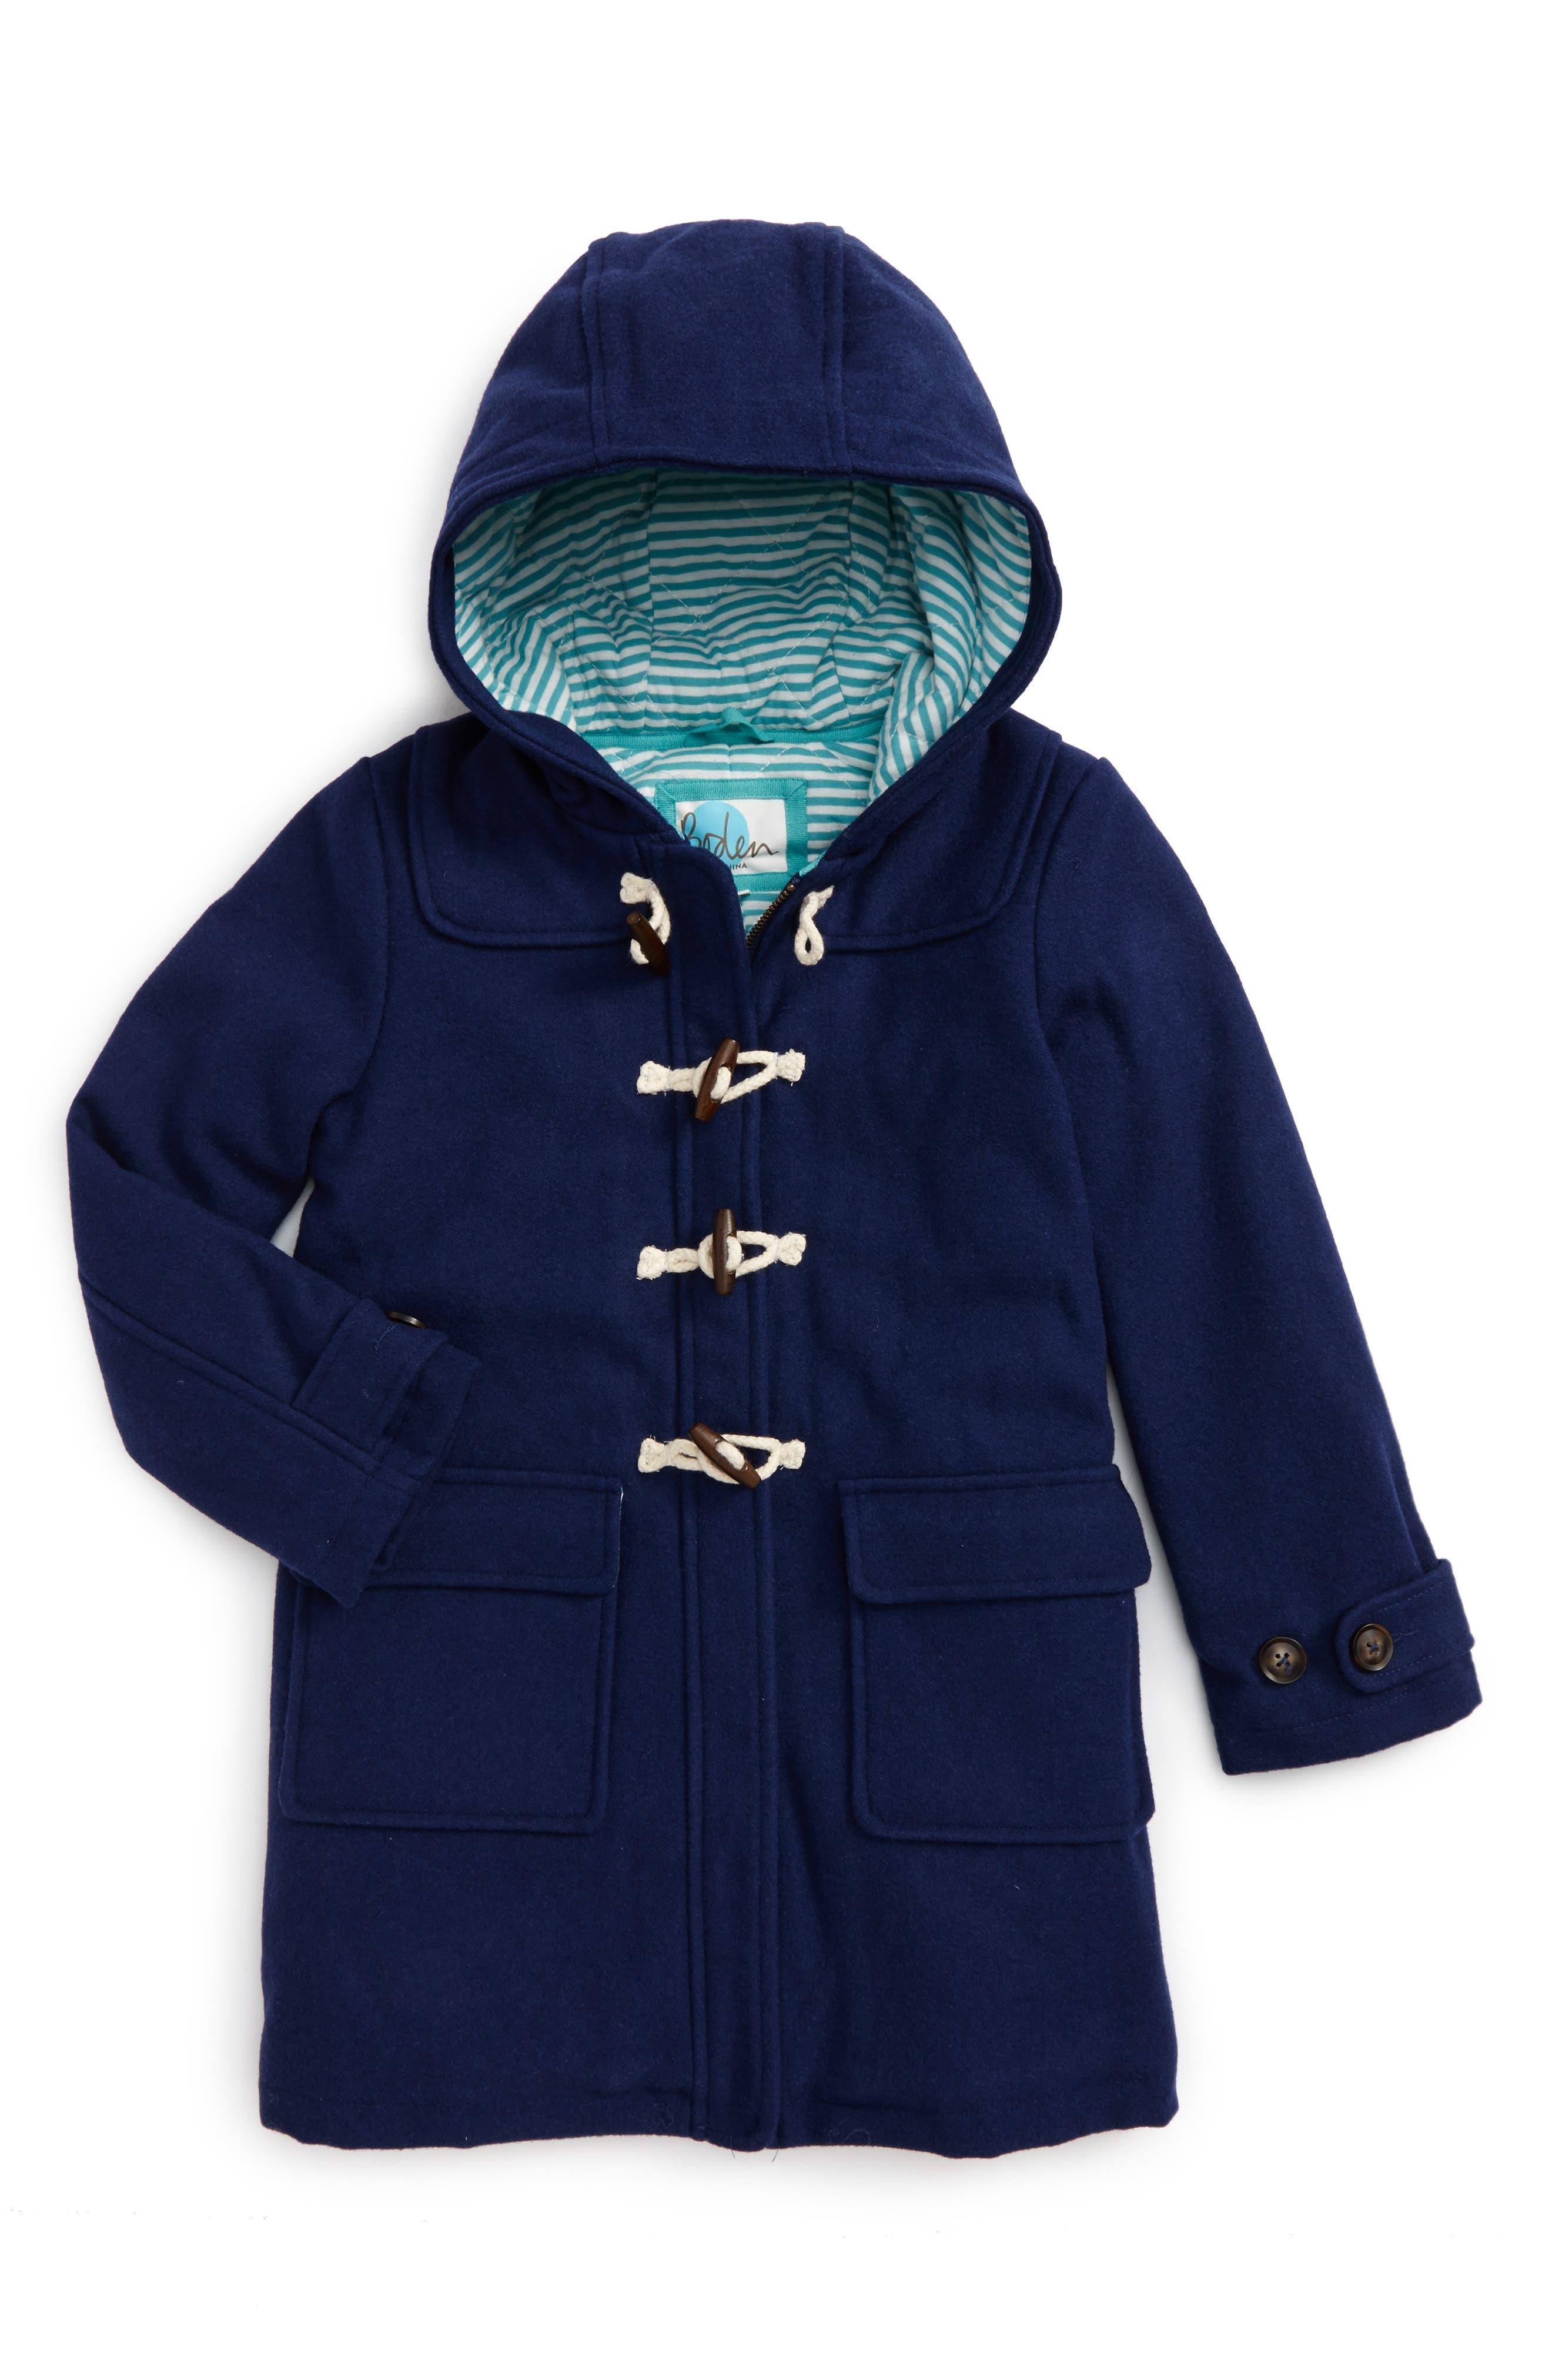 Alternate Image 1 Selected - Mini Boden Hooded Duffle Coat (Toddler Girls, Little Girls & Big Girls)